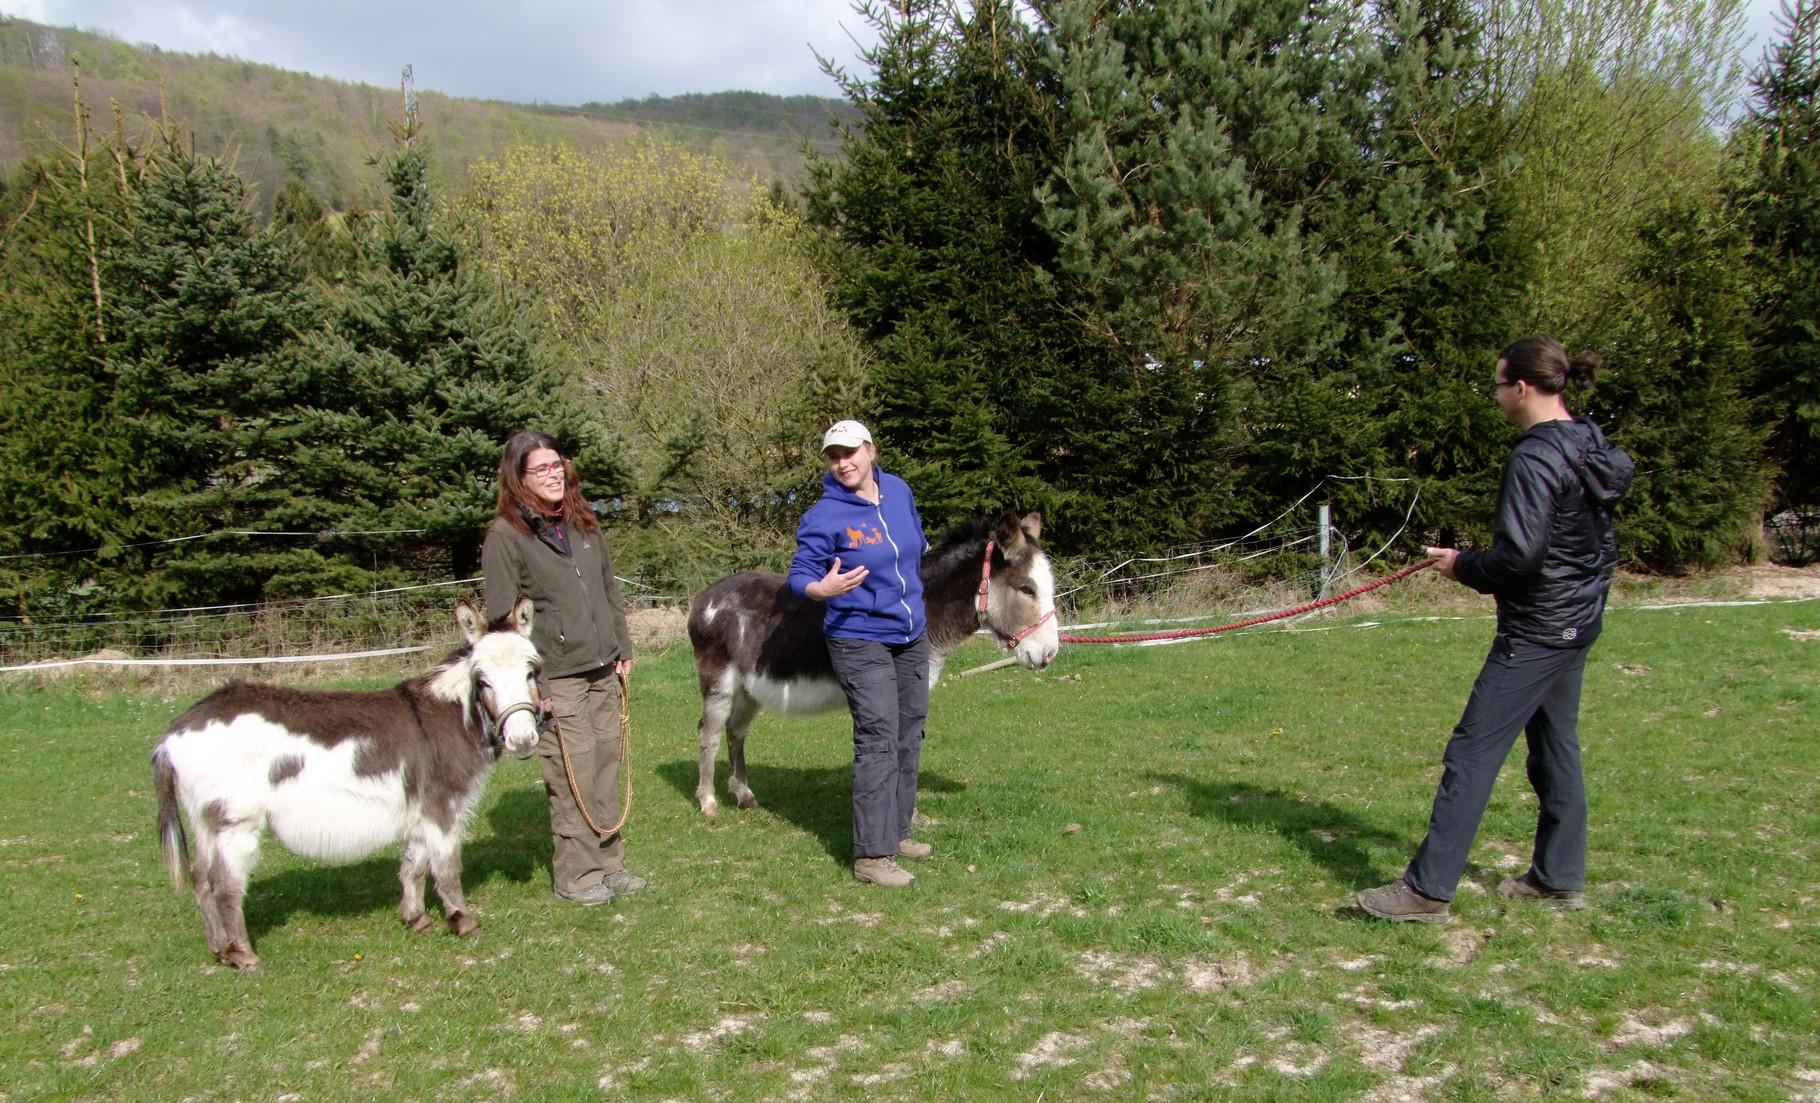 Judith erklärt, wann man wie am besten auf welcher Position den Esel führt.